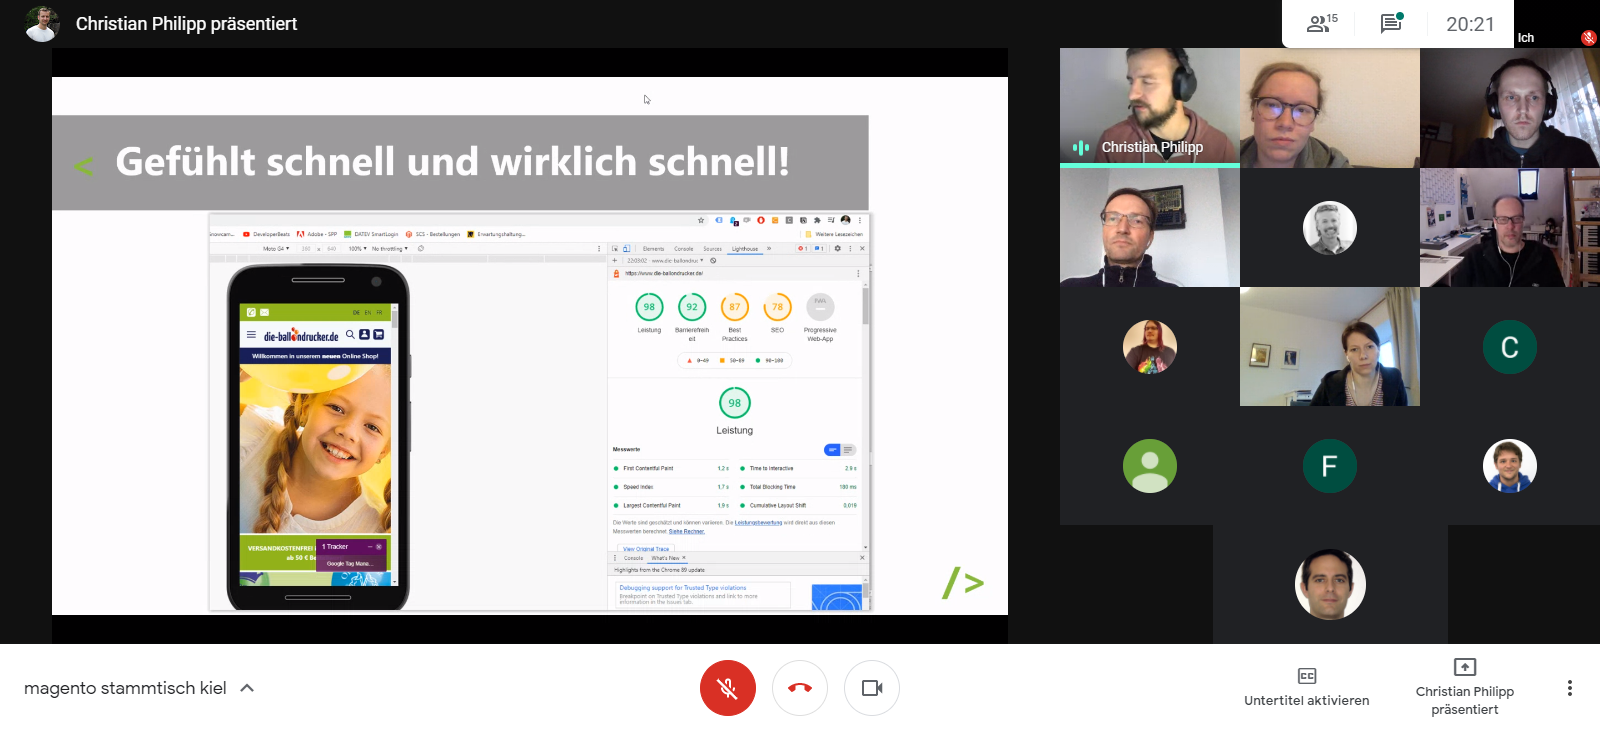 """Vortrag """"Hyvä mit Magento – Google Lighthouse liebt es!"""" von Christian Philipp beim 35. Magento Stammtisch Kiel"""